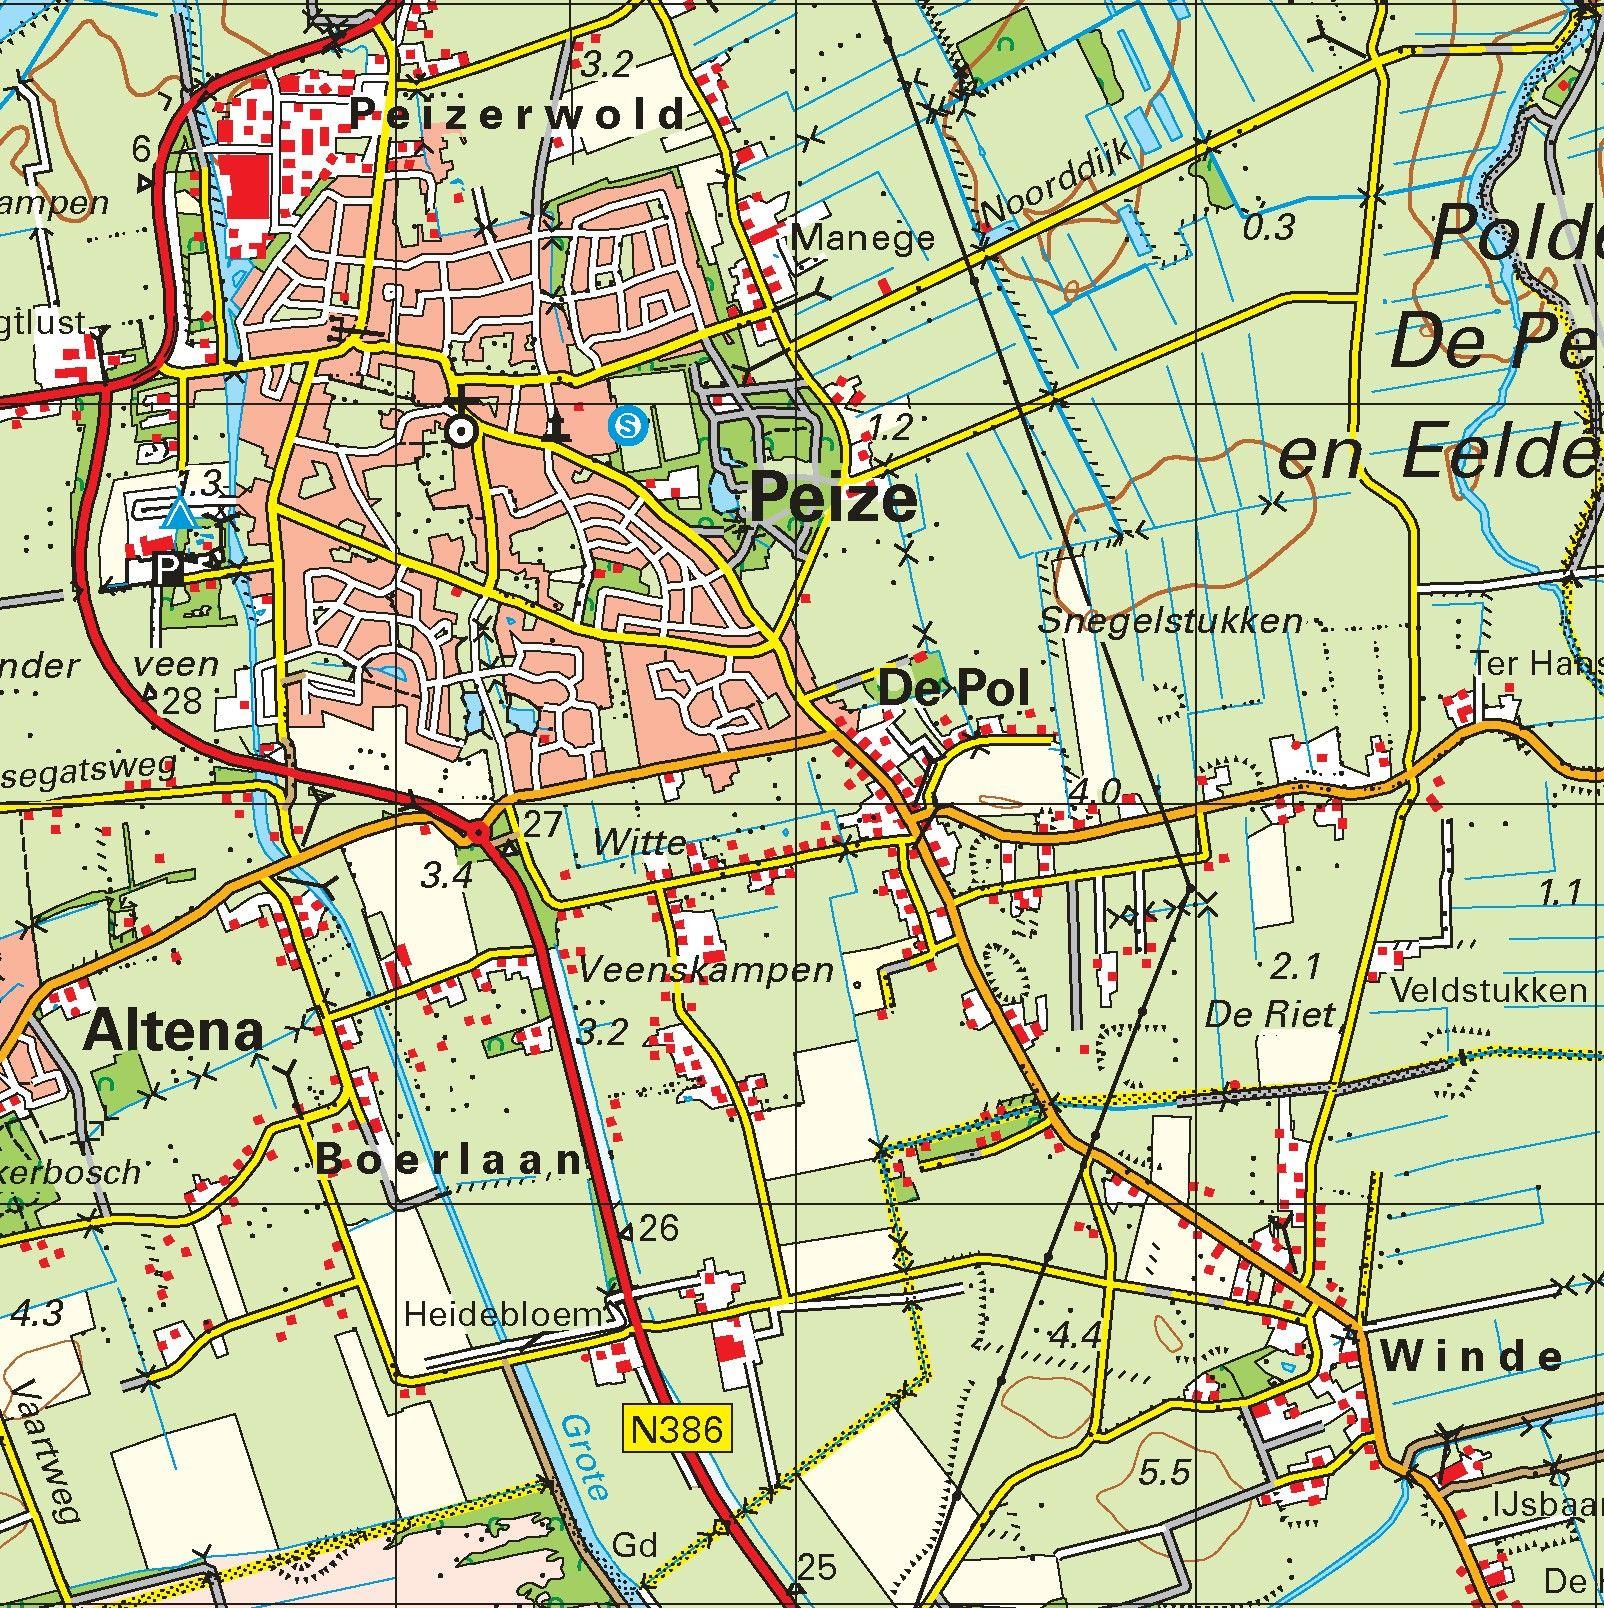 Topografische kaart schaal 1:50.000 (Groningen, Veendam, Assen)